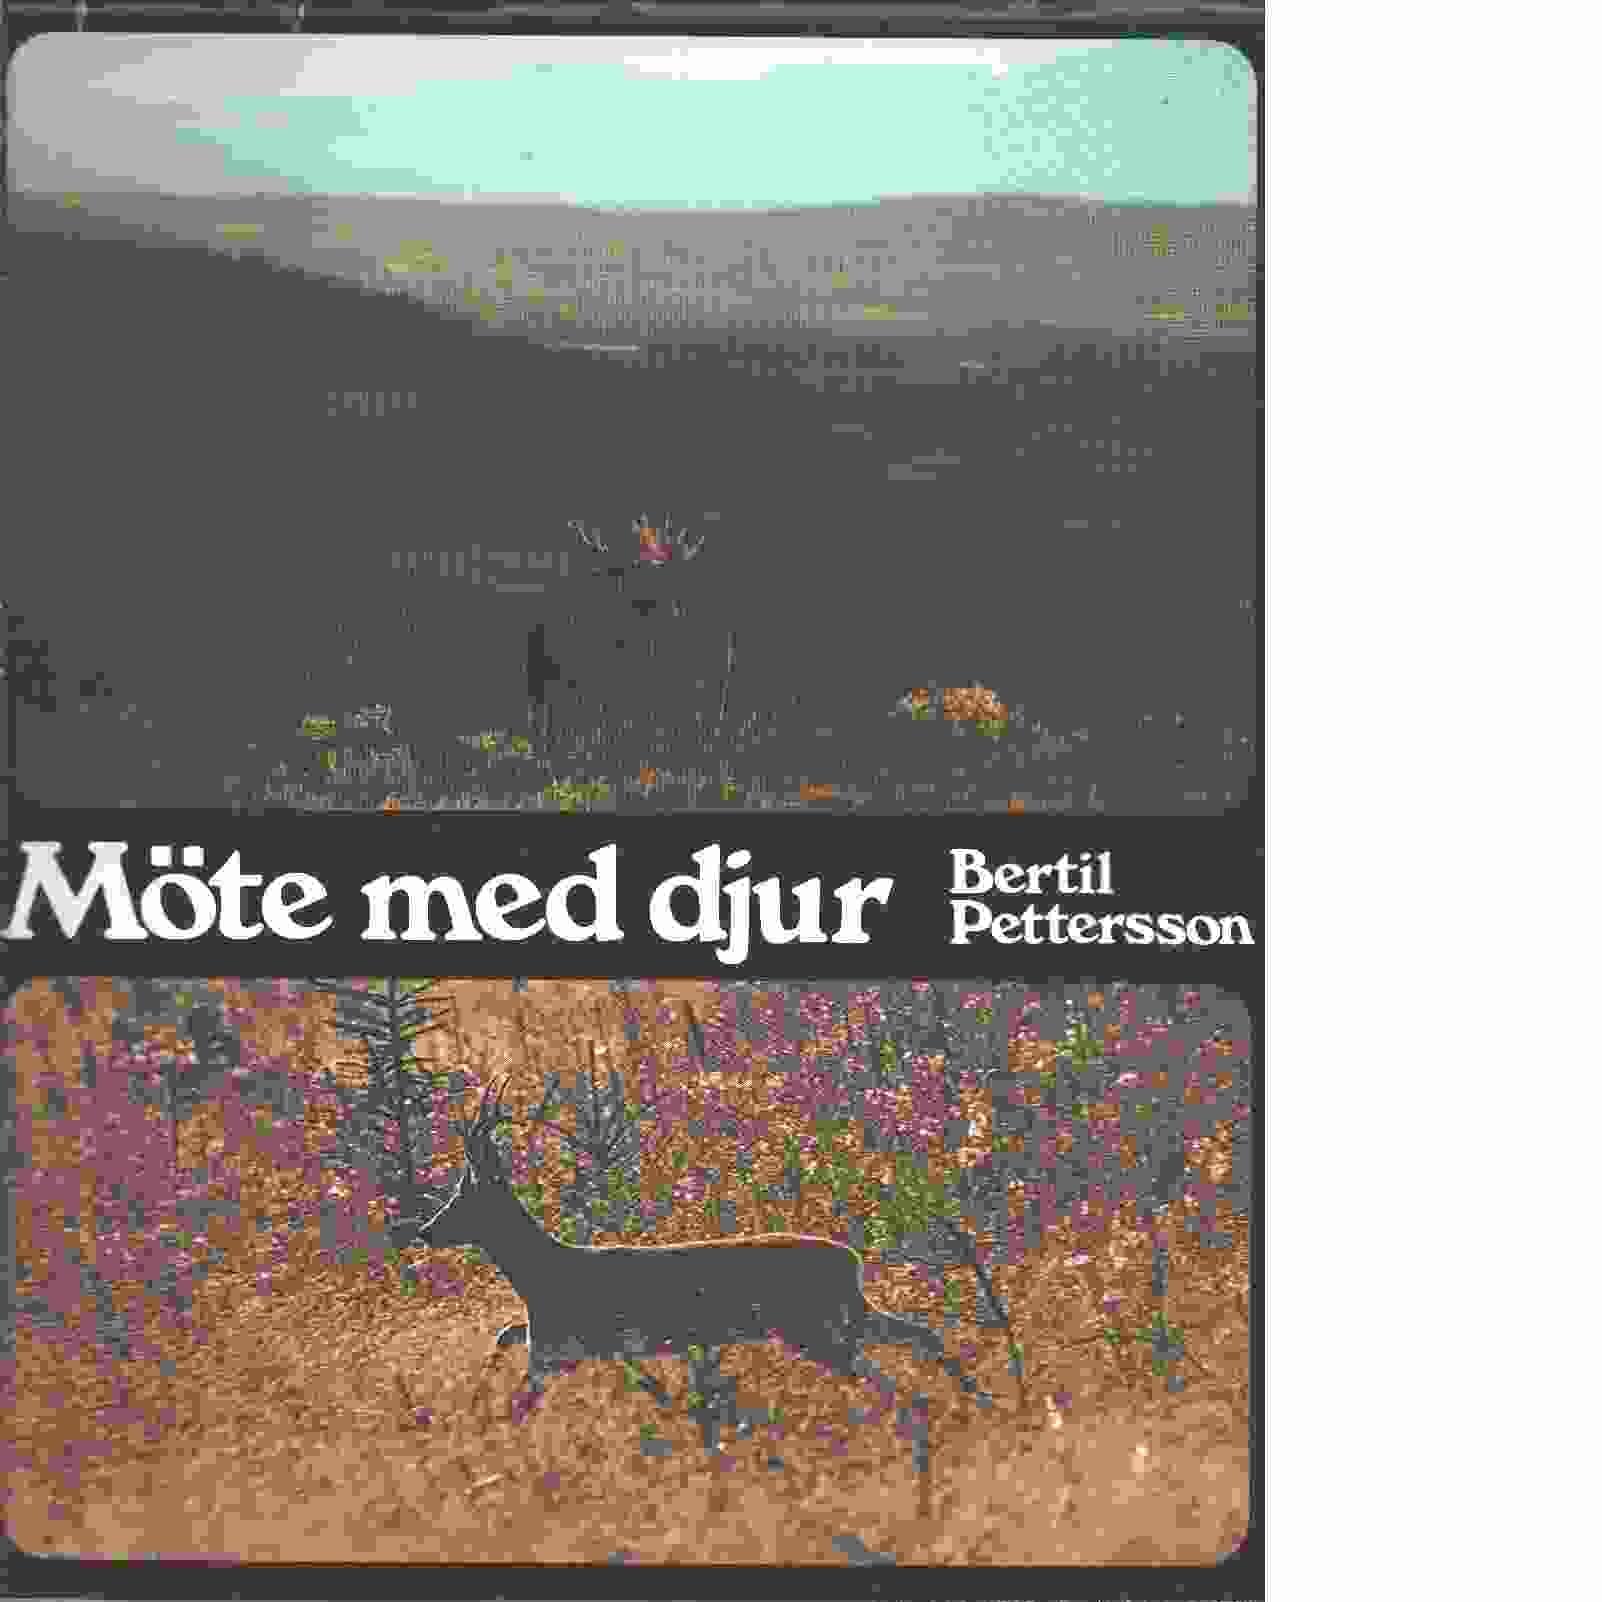 Möte med djur - Pettersson, Bertil